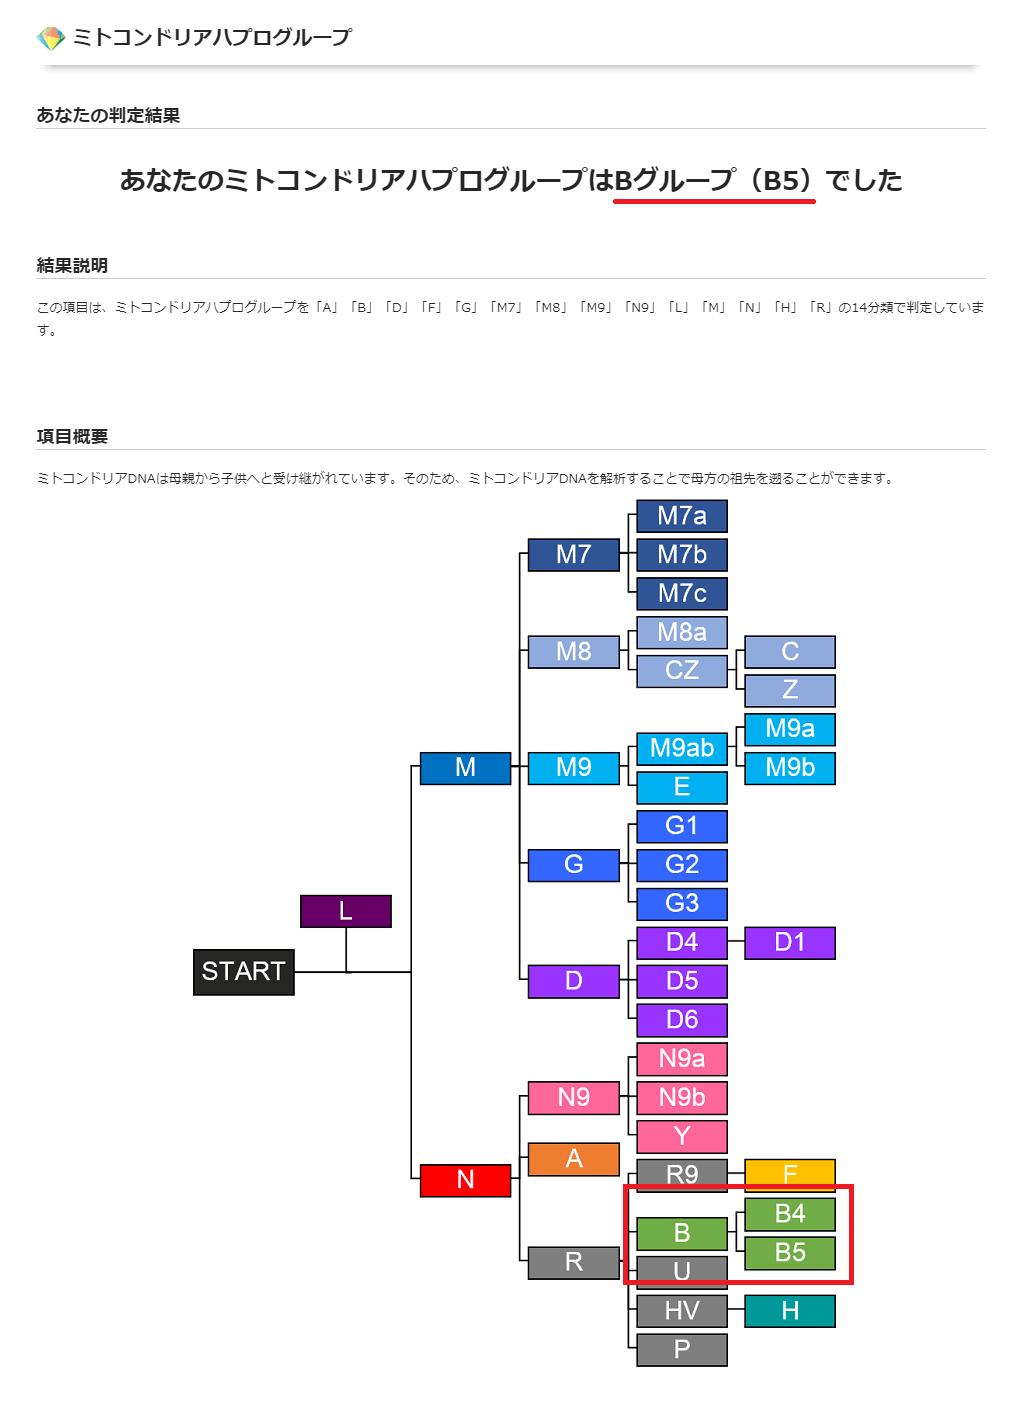 ハプログループの結果画面にアップグレードが適用されている